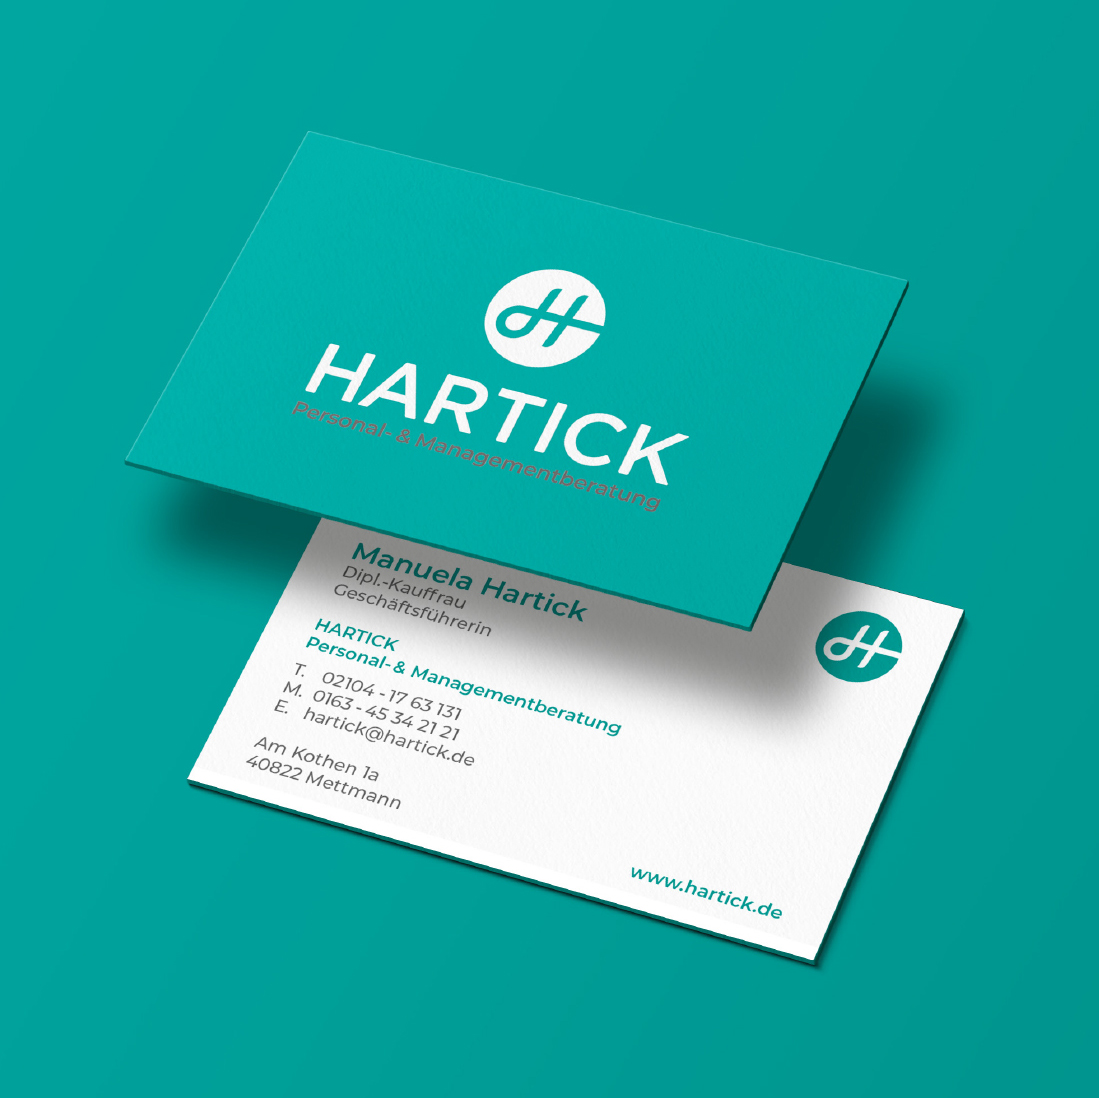 Hartick_1200x1200_01_Square